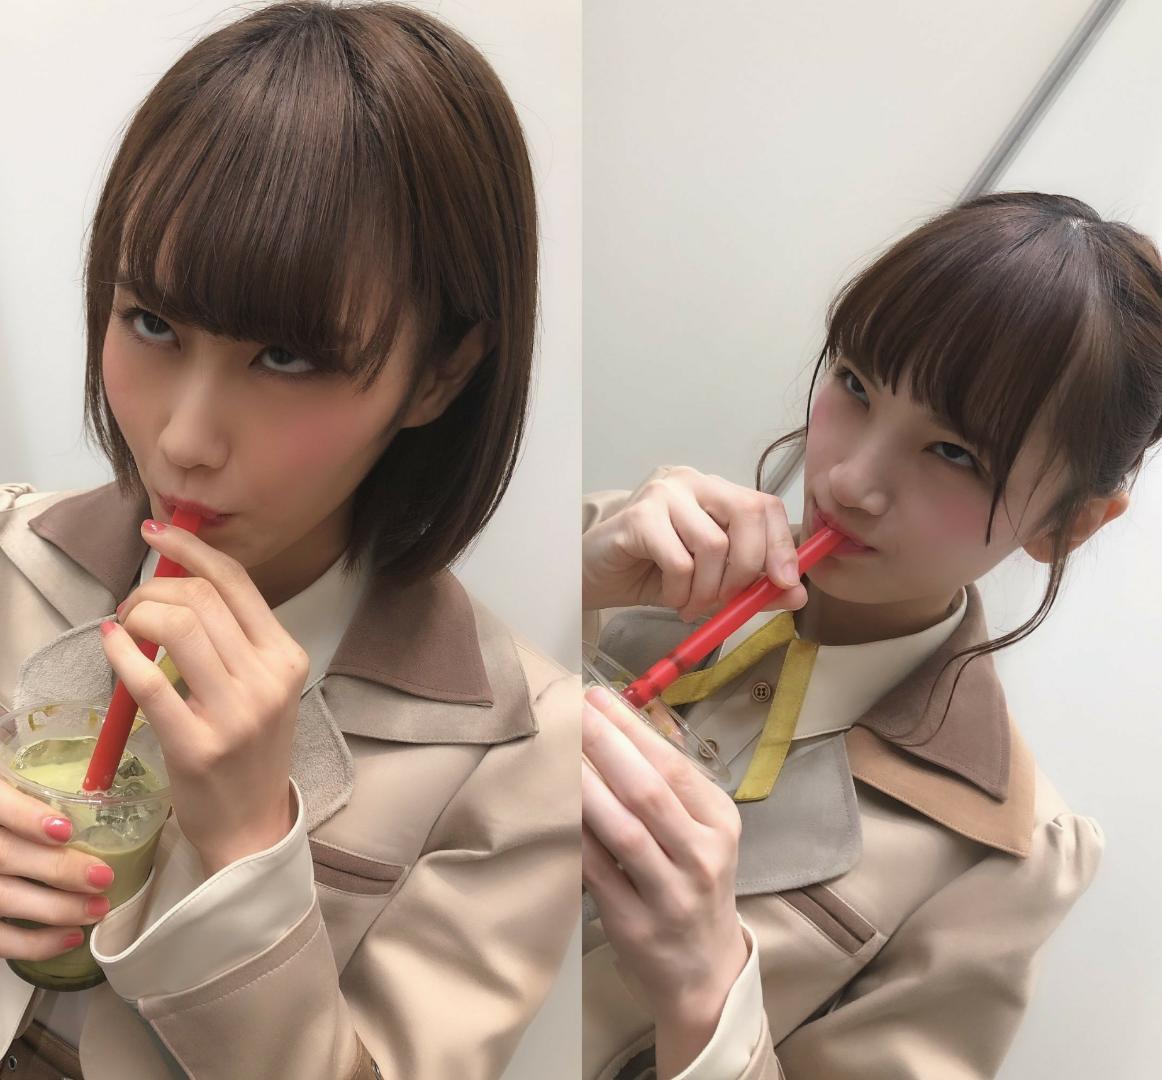 【NGT48】解散させないで済む方法は白と黒で分けるしかない気がする:地下帝國-AKB48まとめ